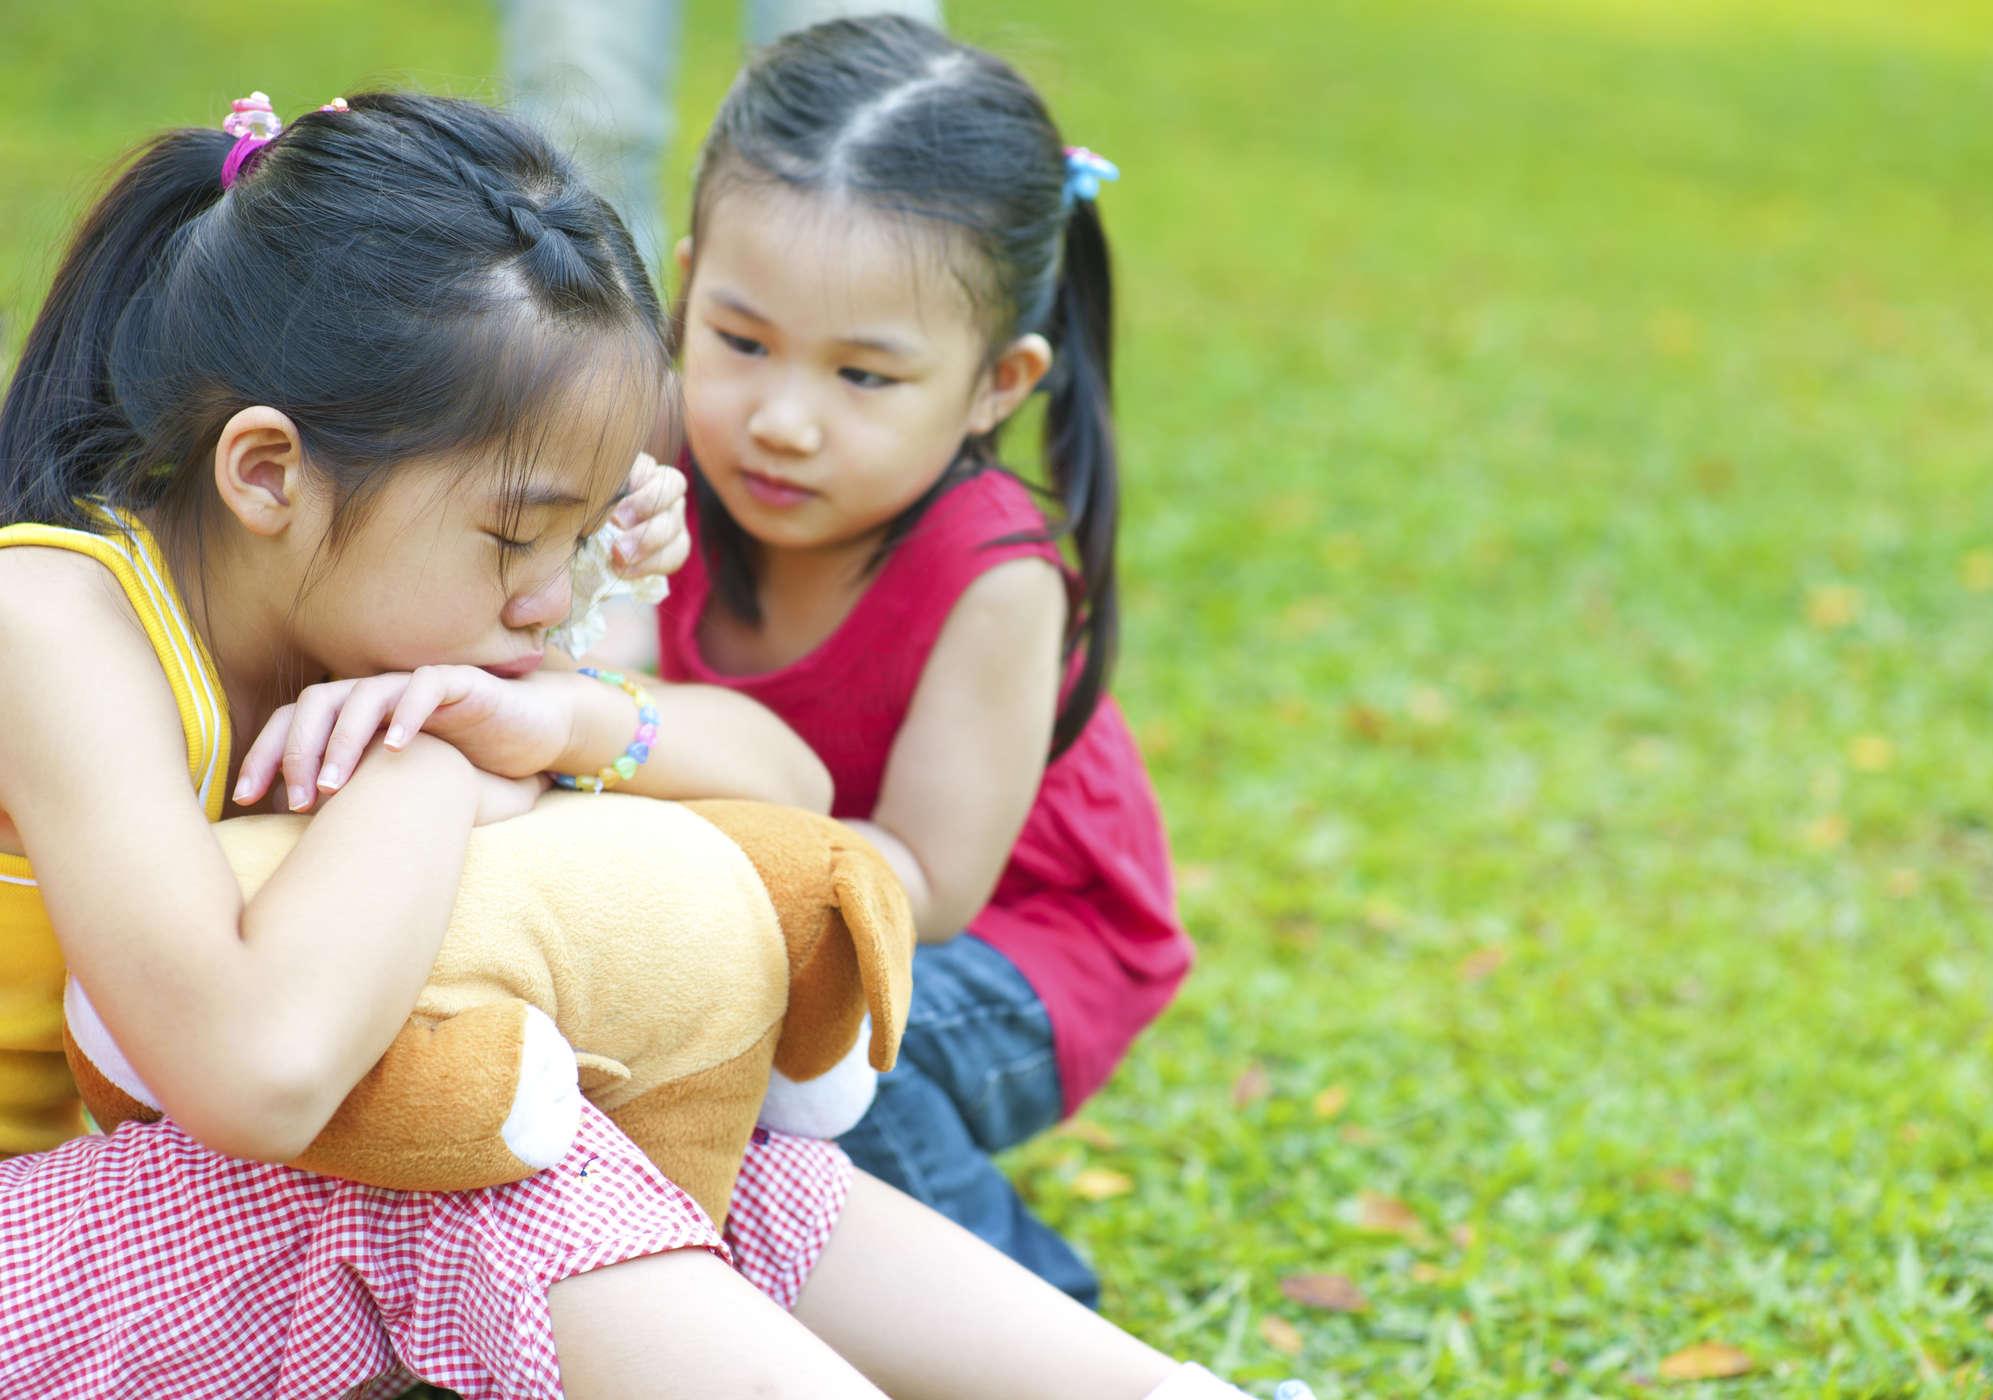 5 quy tắc vàng khi nuôi dạy con thời hiện đại mẹ không nên bỏ qua - Ảnh 8